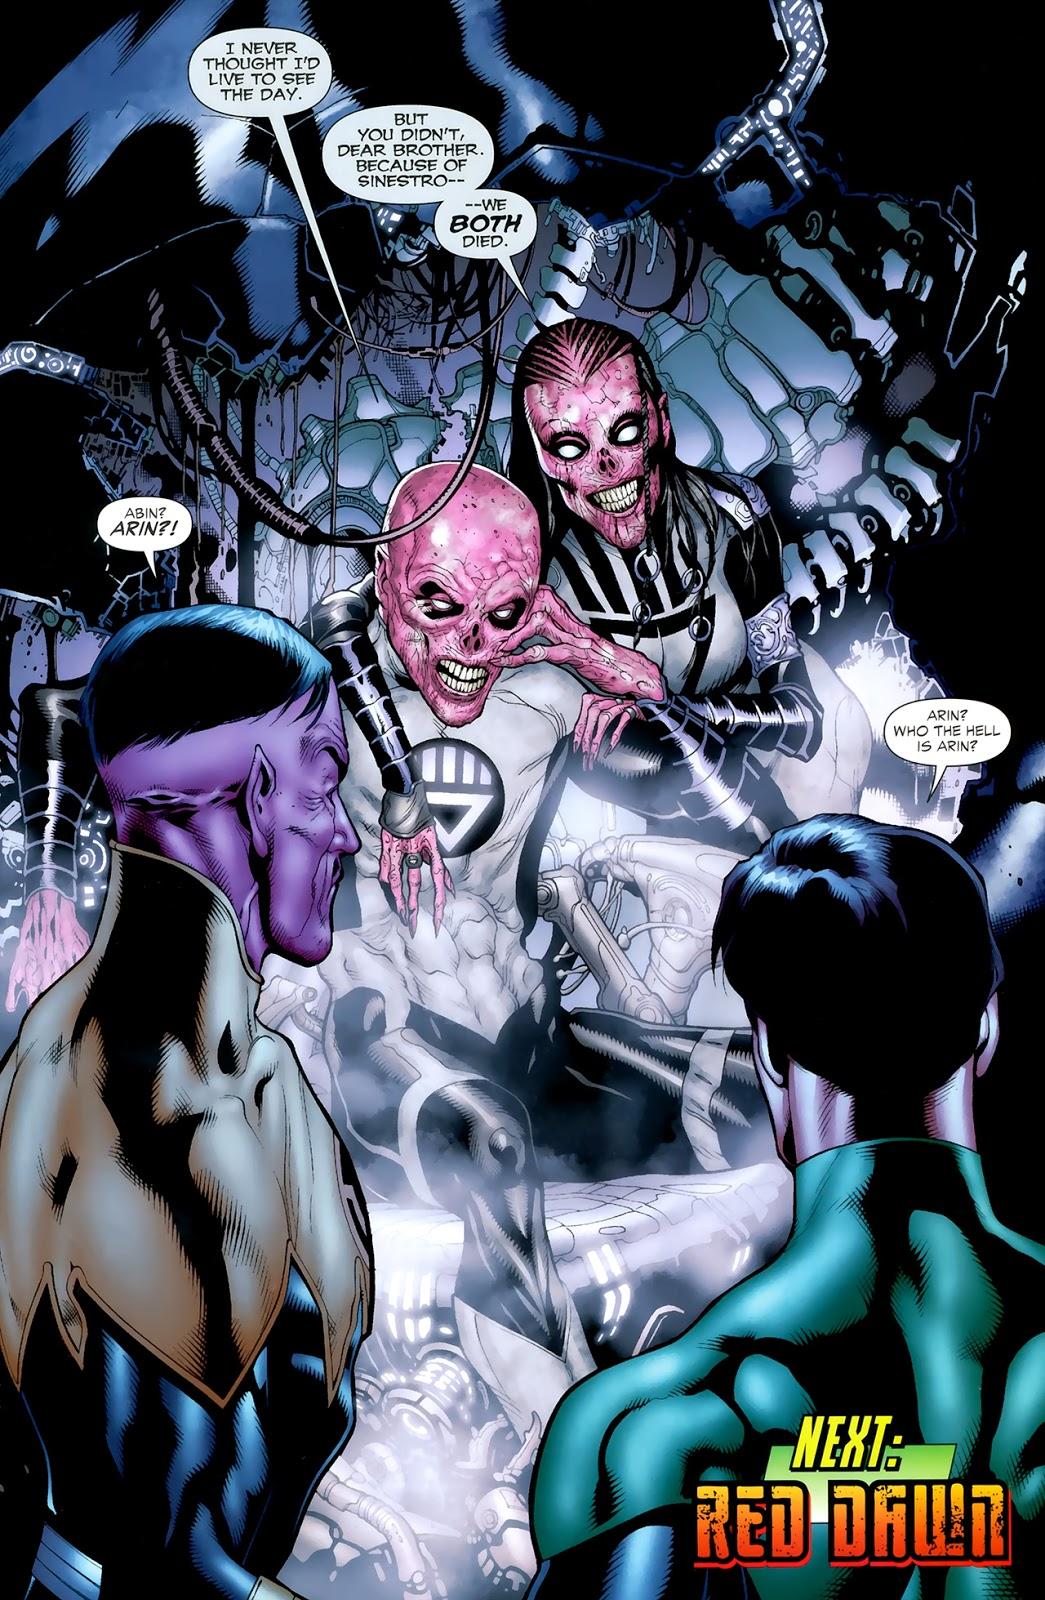 Black Lantern Abin Sur (Green Lantern Vol. 4 #46)